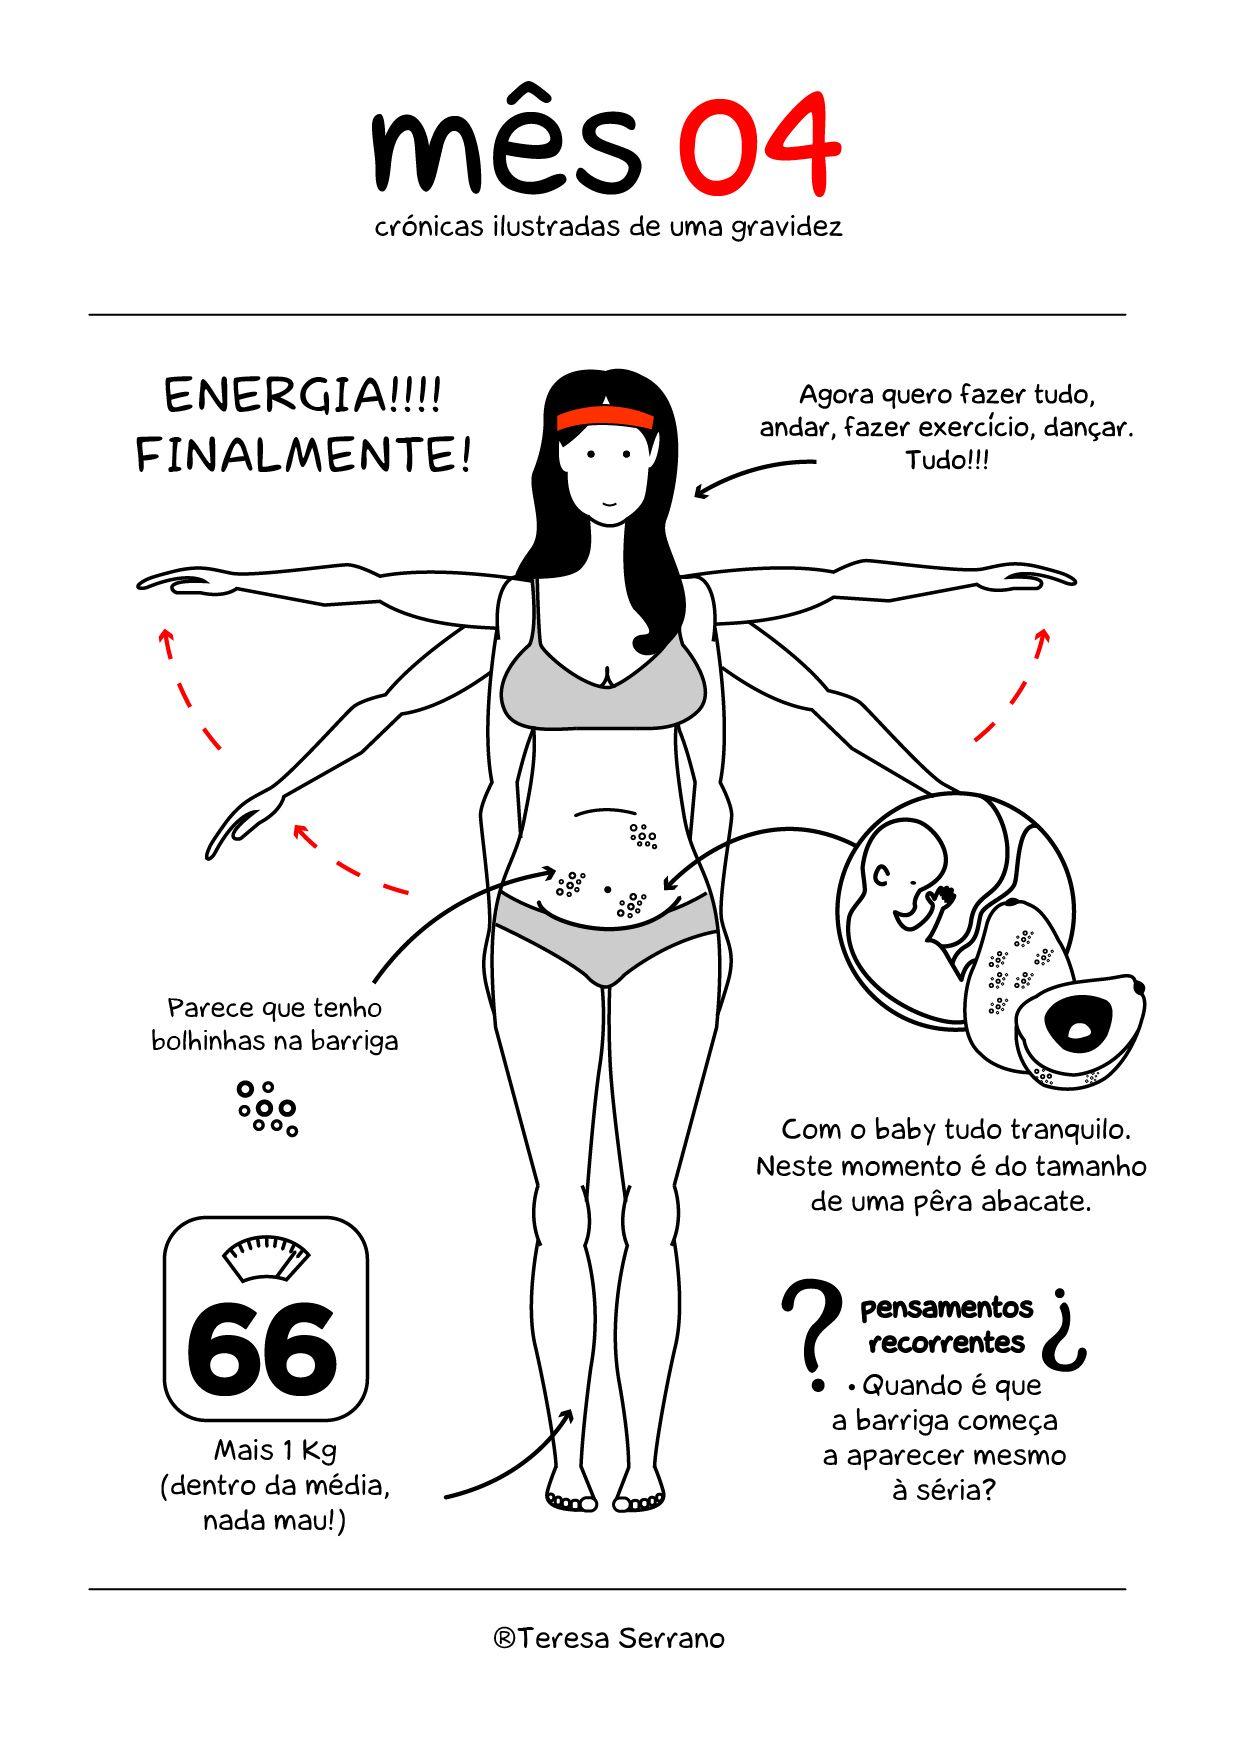 Mes 04 A Energia Voltou Com Imagens Meses De Gravidez